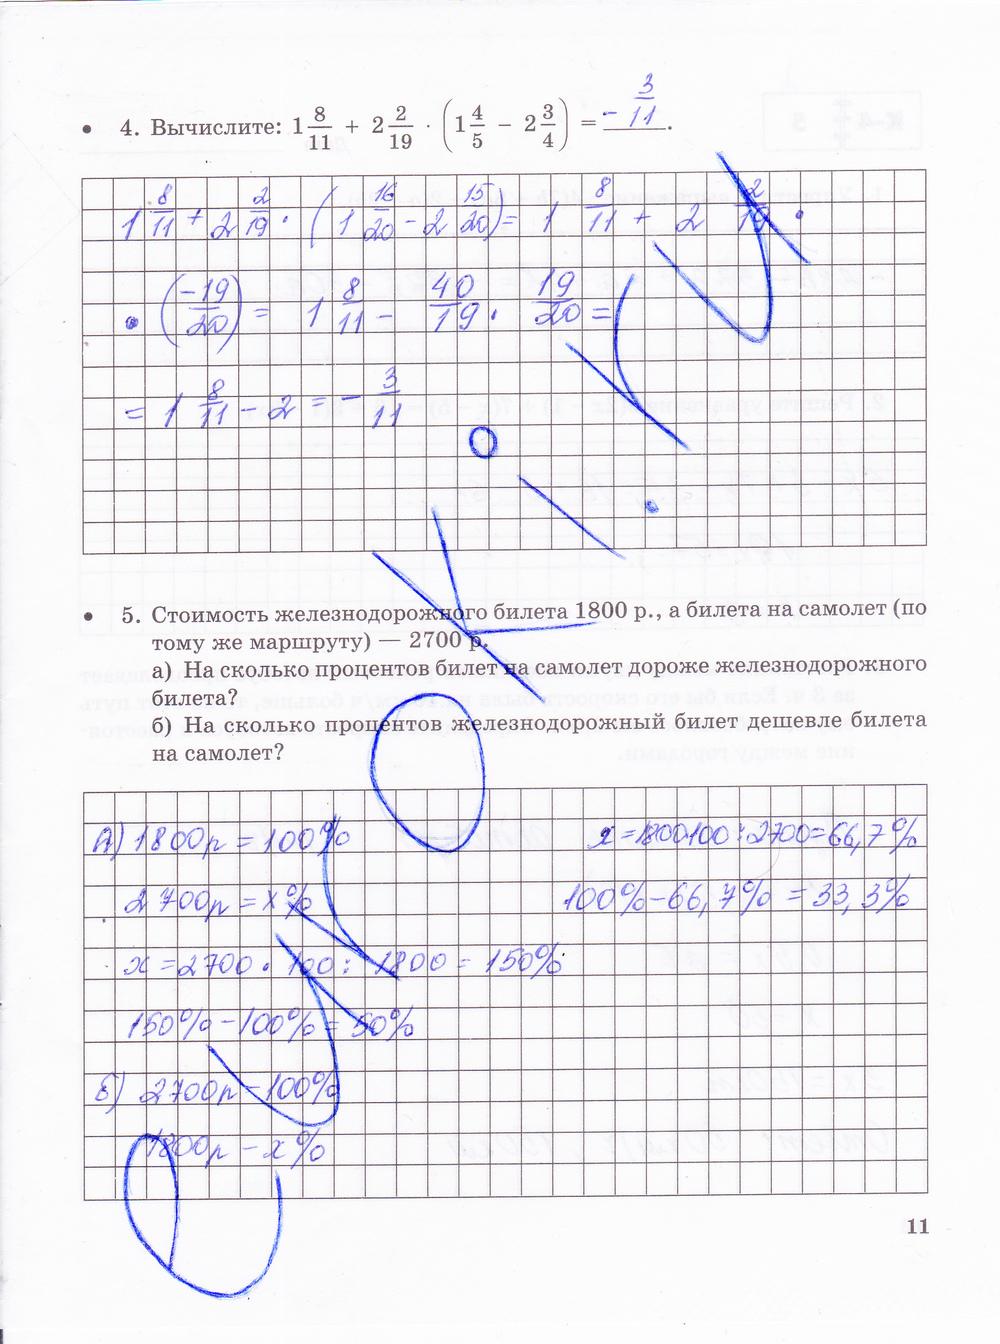 ГДЗ по математике 6 класс тетрадь для контрольных работ Зубарева, Лепешонкова Мнемозина Часть 1, 2 ответы и решения онлайн. Задание: стр. 10